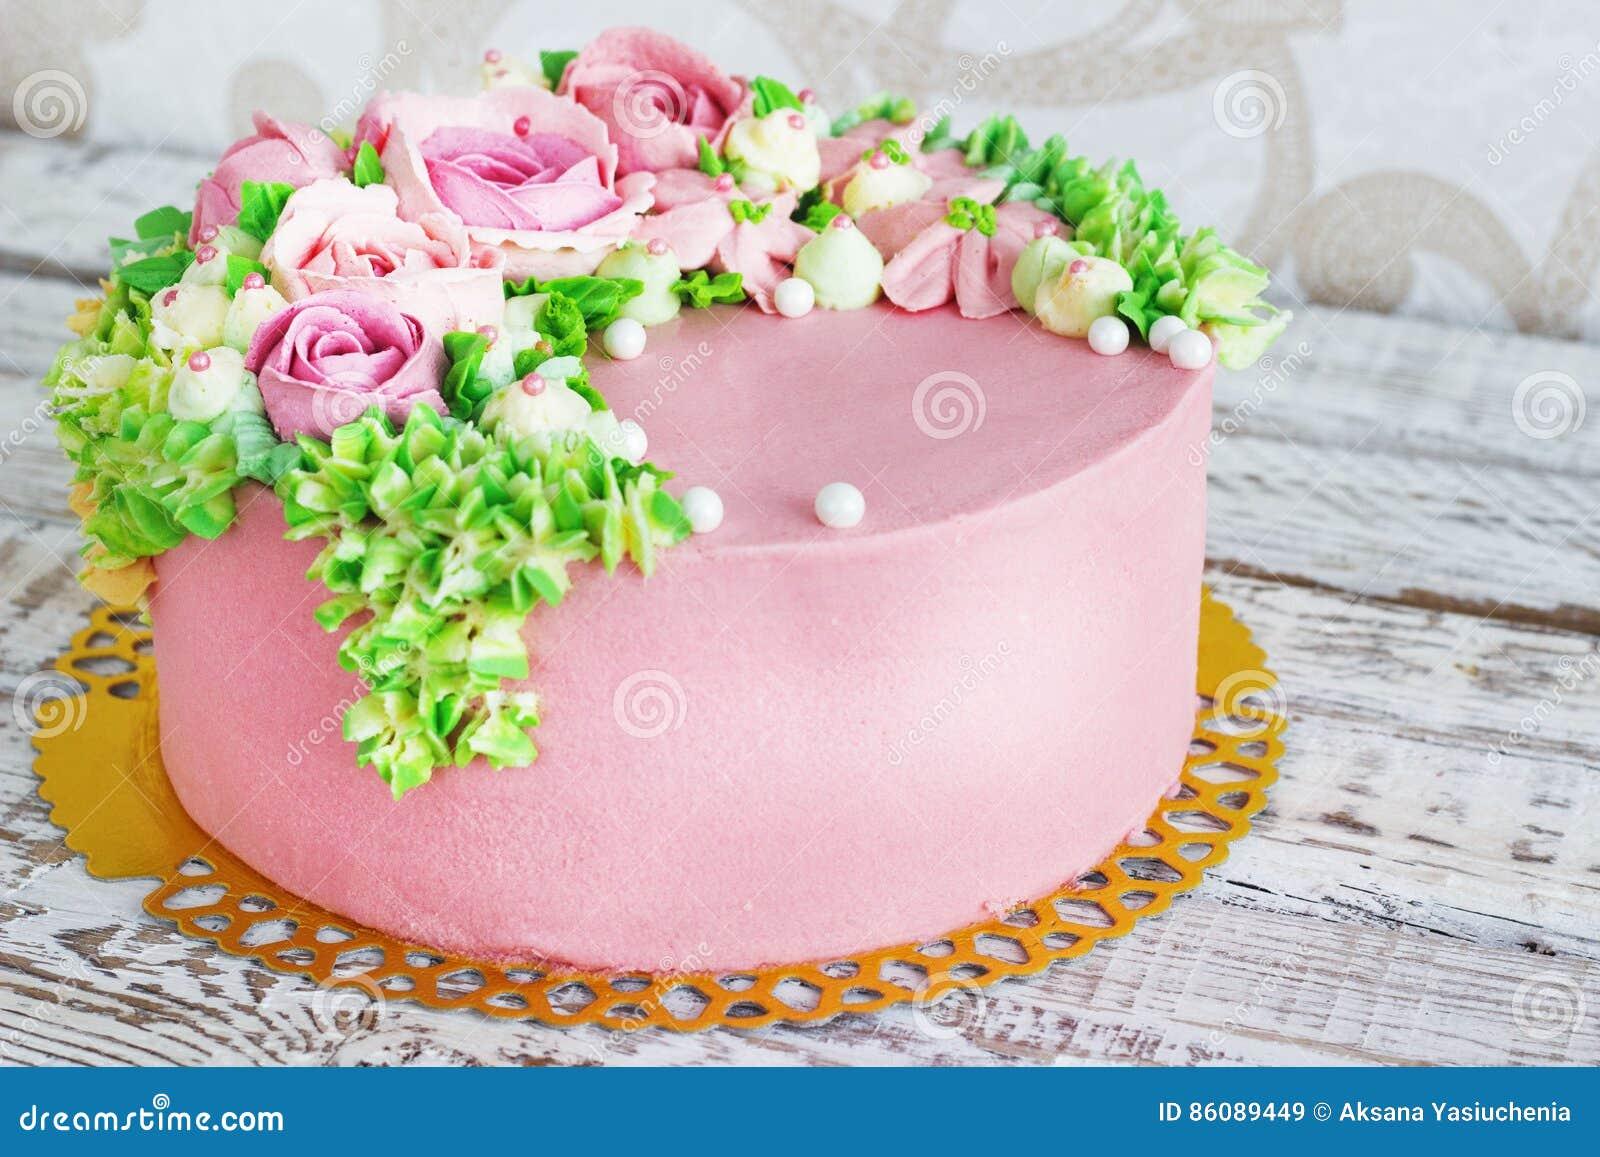 Popolare La Torta Di Compleanno Con I Fiori è Aumentato Su Fondo Bianco  VD34